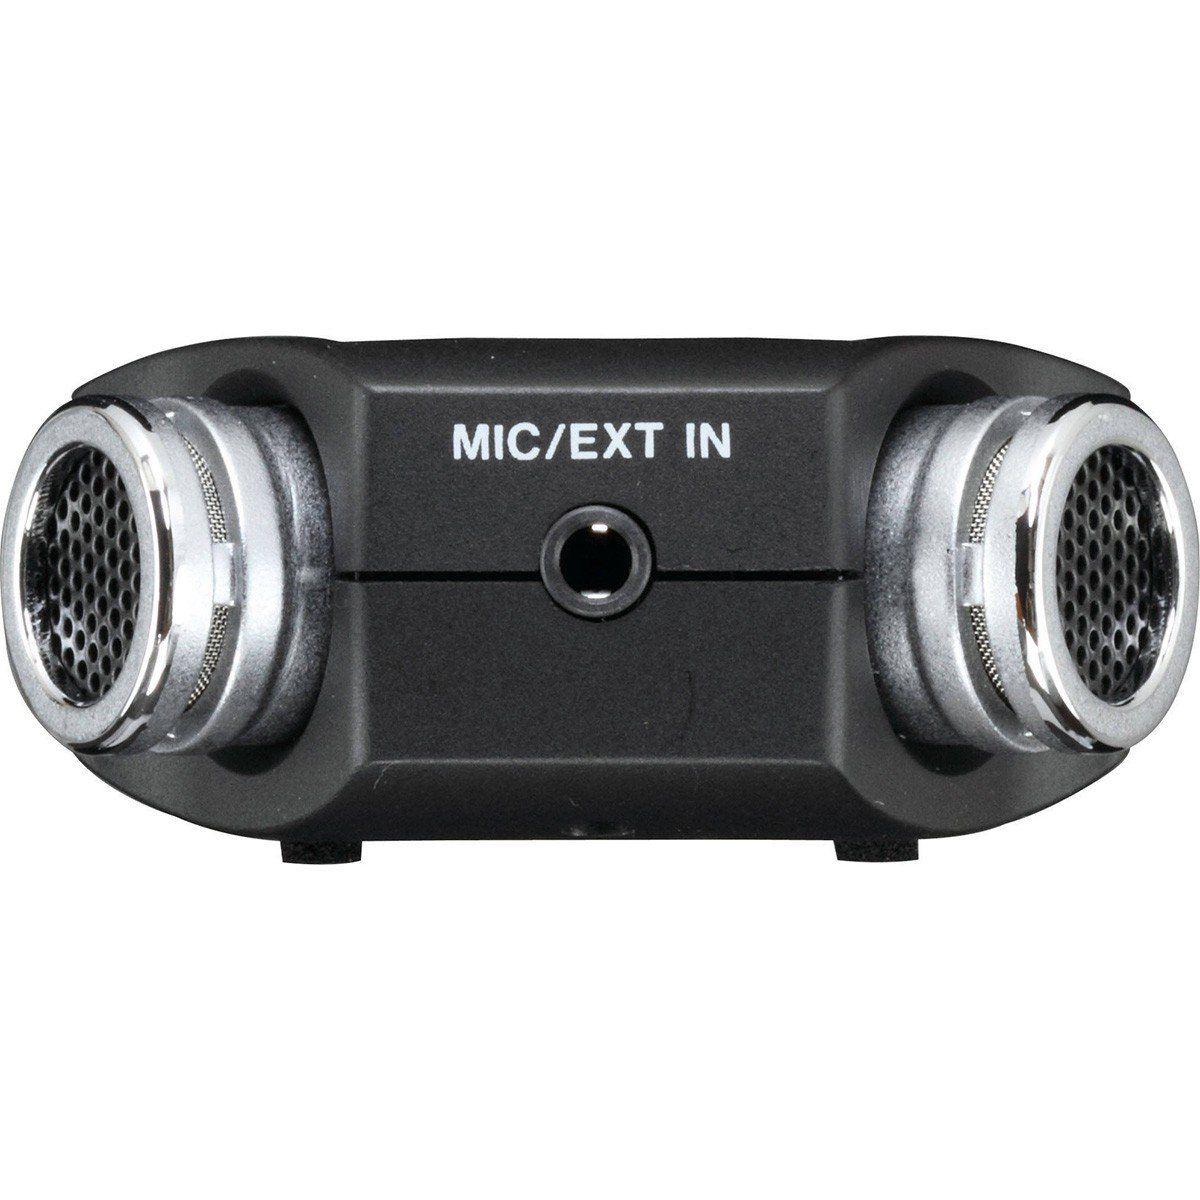 Tascam DR-05 Gravador de Áudio Tascam Dr05 Armazena até 32GB Estéreo Usb MicroSD 2GB